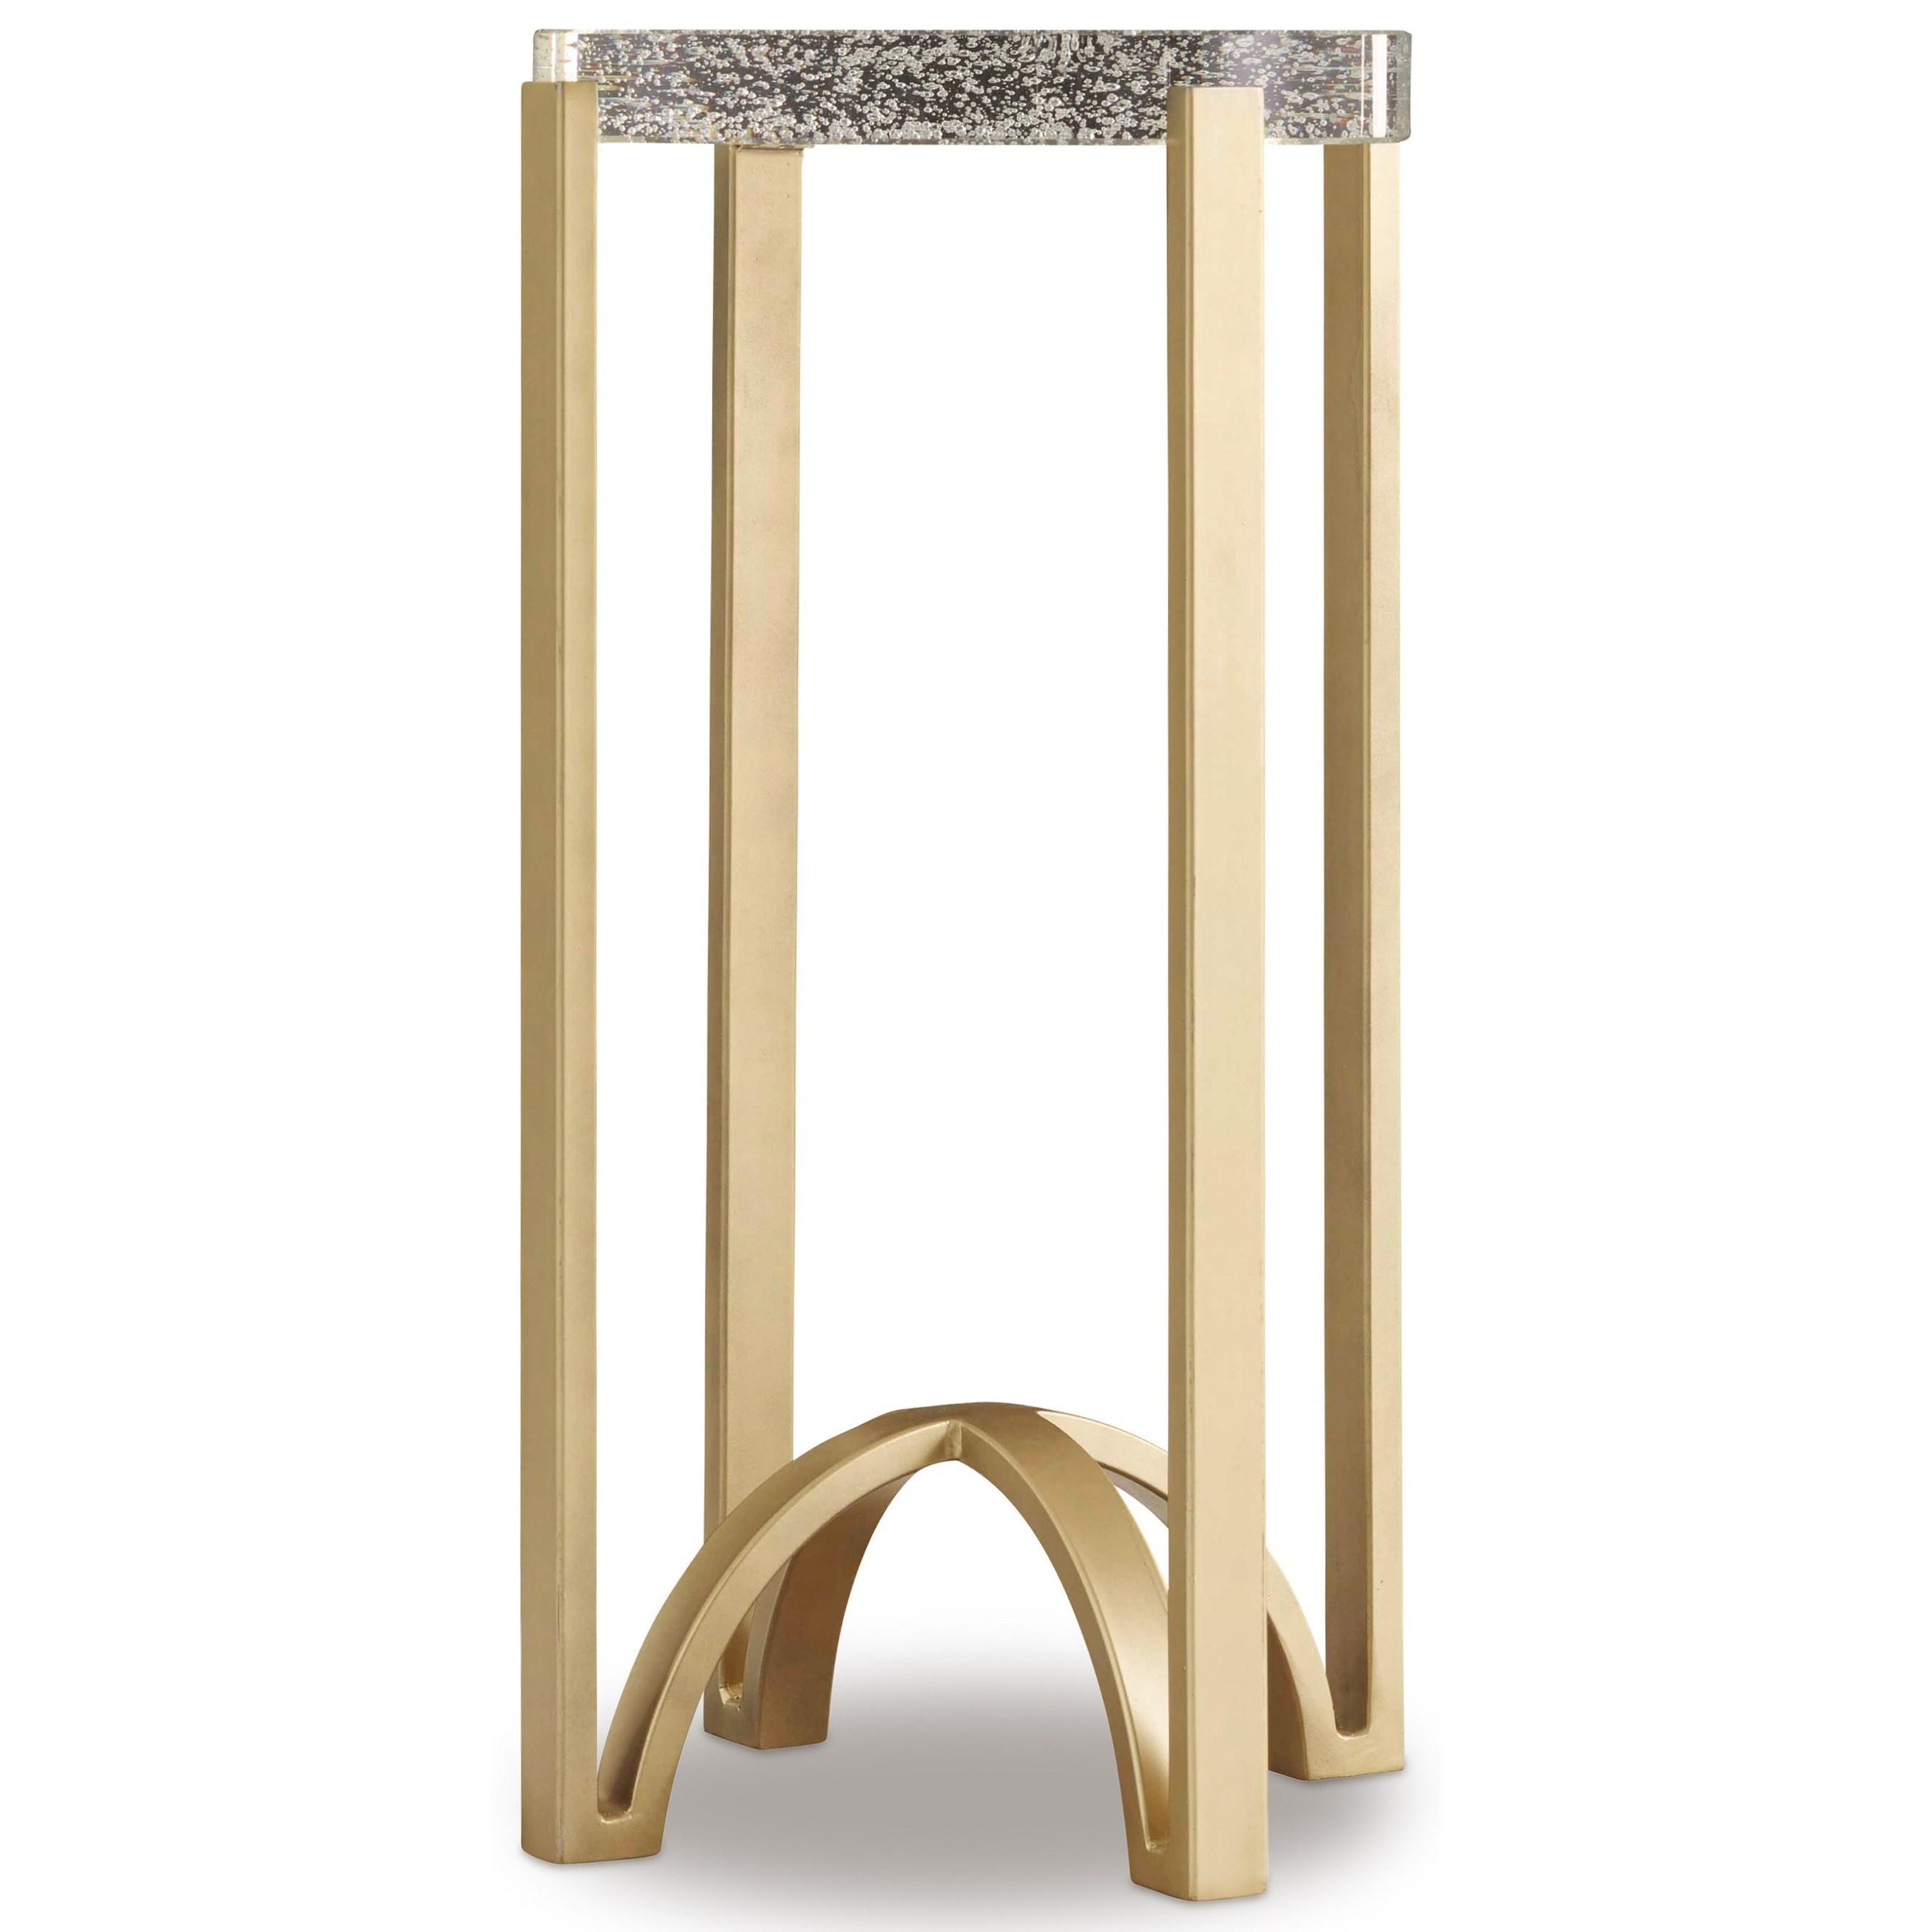 Hooker Furniture Skyline Metal Accent Table - Item Number: 5336-50003-MTL